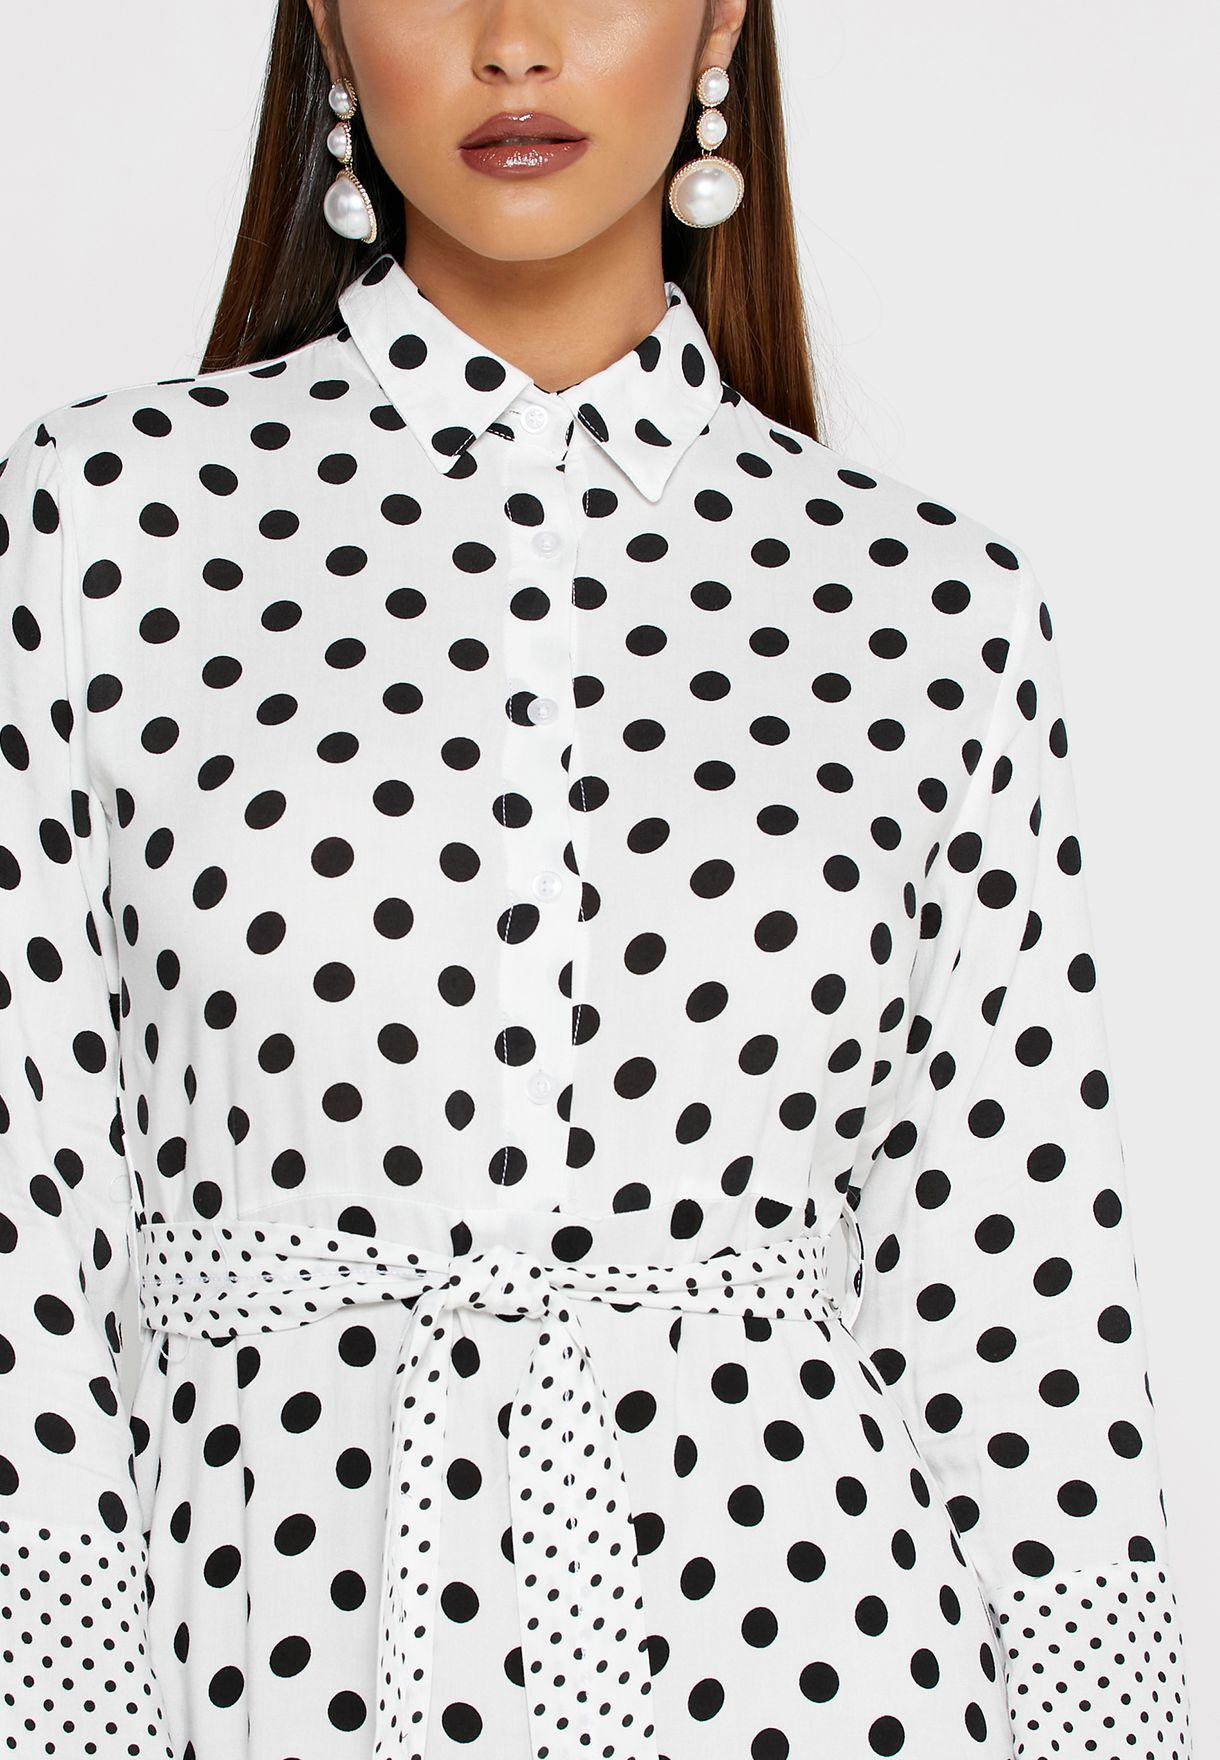 فستان مكسي بأربطة وطبعات نقاط بولكا